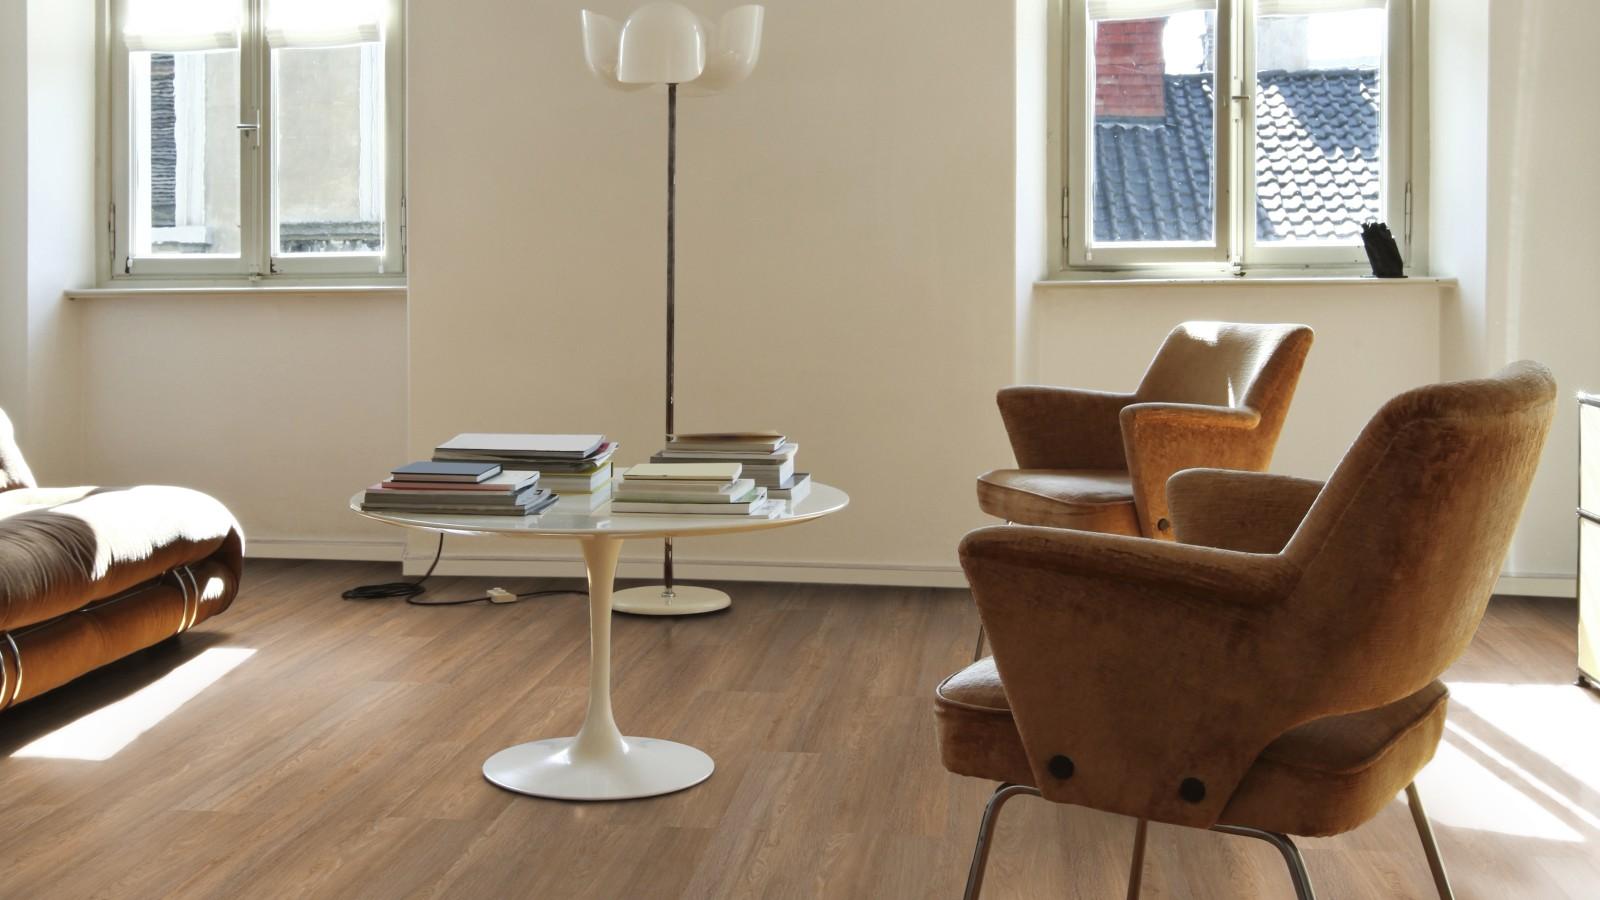 5961 objectflor expona domestic vinyl designbelag natural. Black Bedroom Furniture Sets. Home Design Ideas